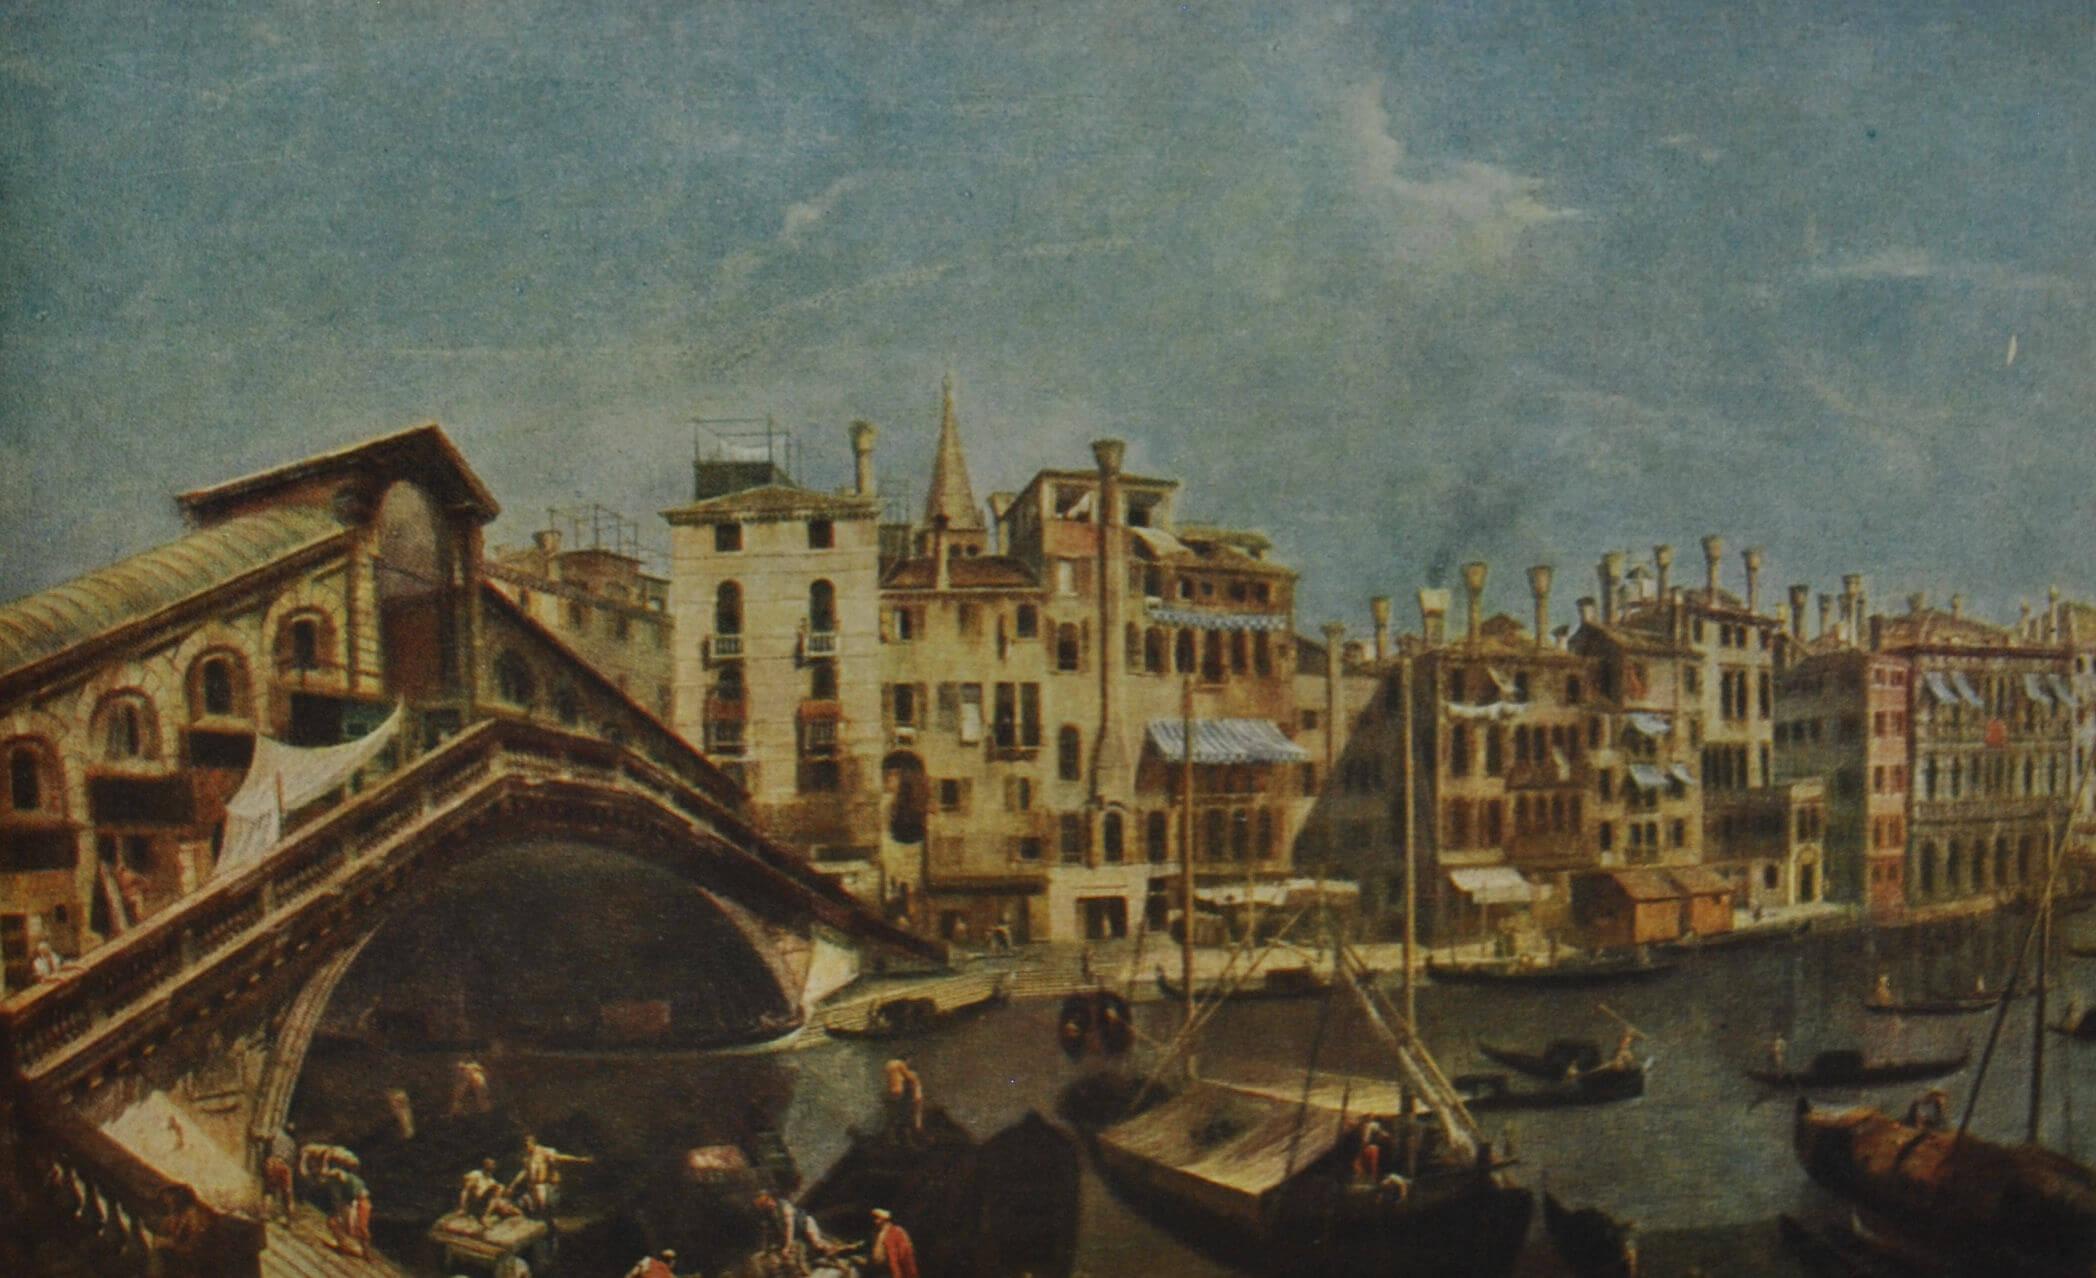 Искусство эпохи Просвещения История ру Мост Риальто в Венеции А Канале Каналетто